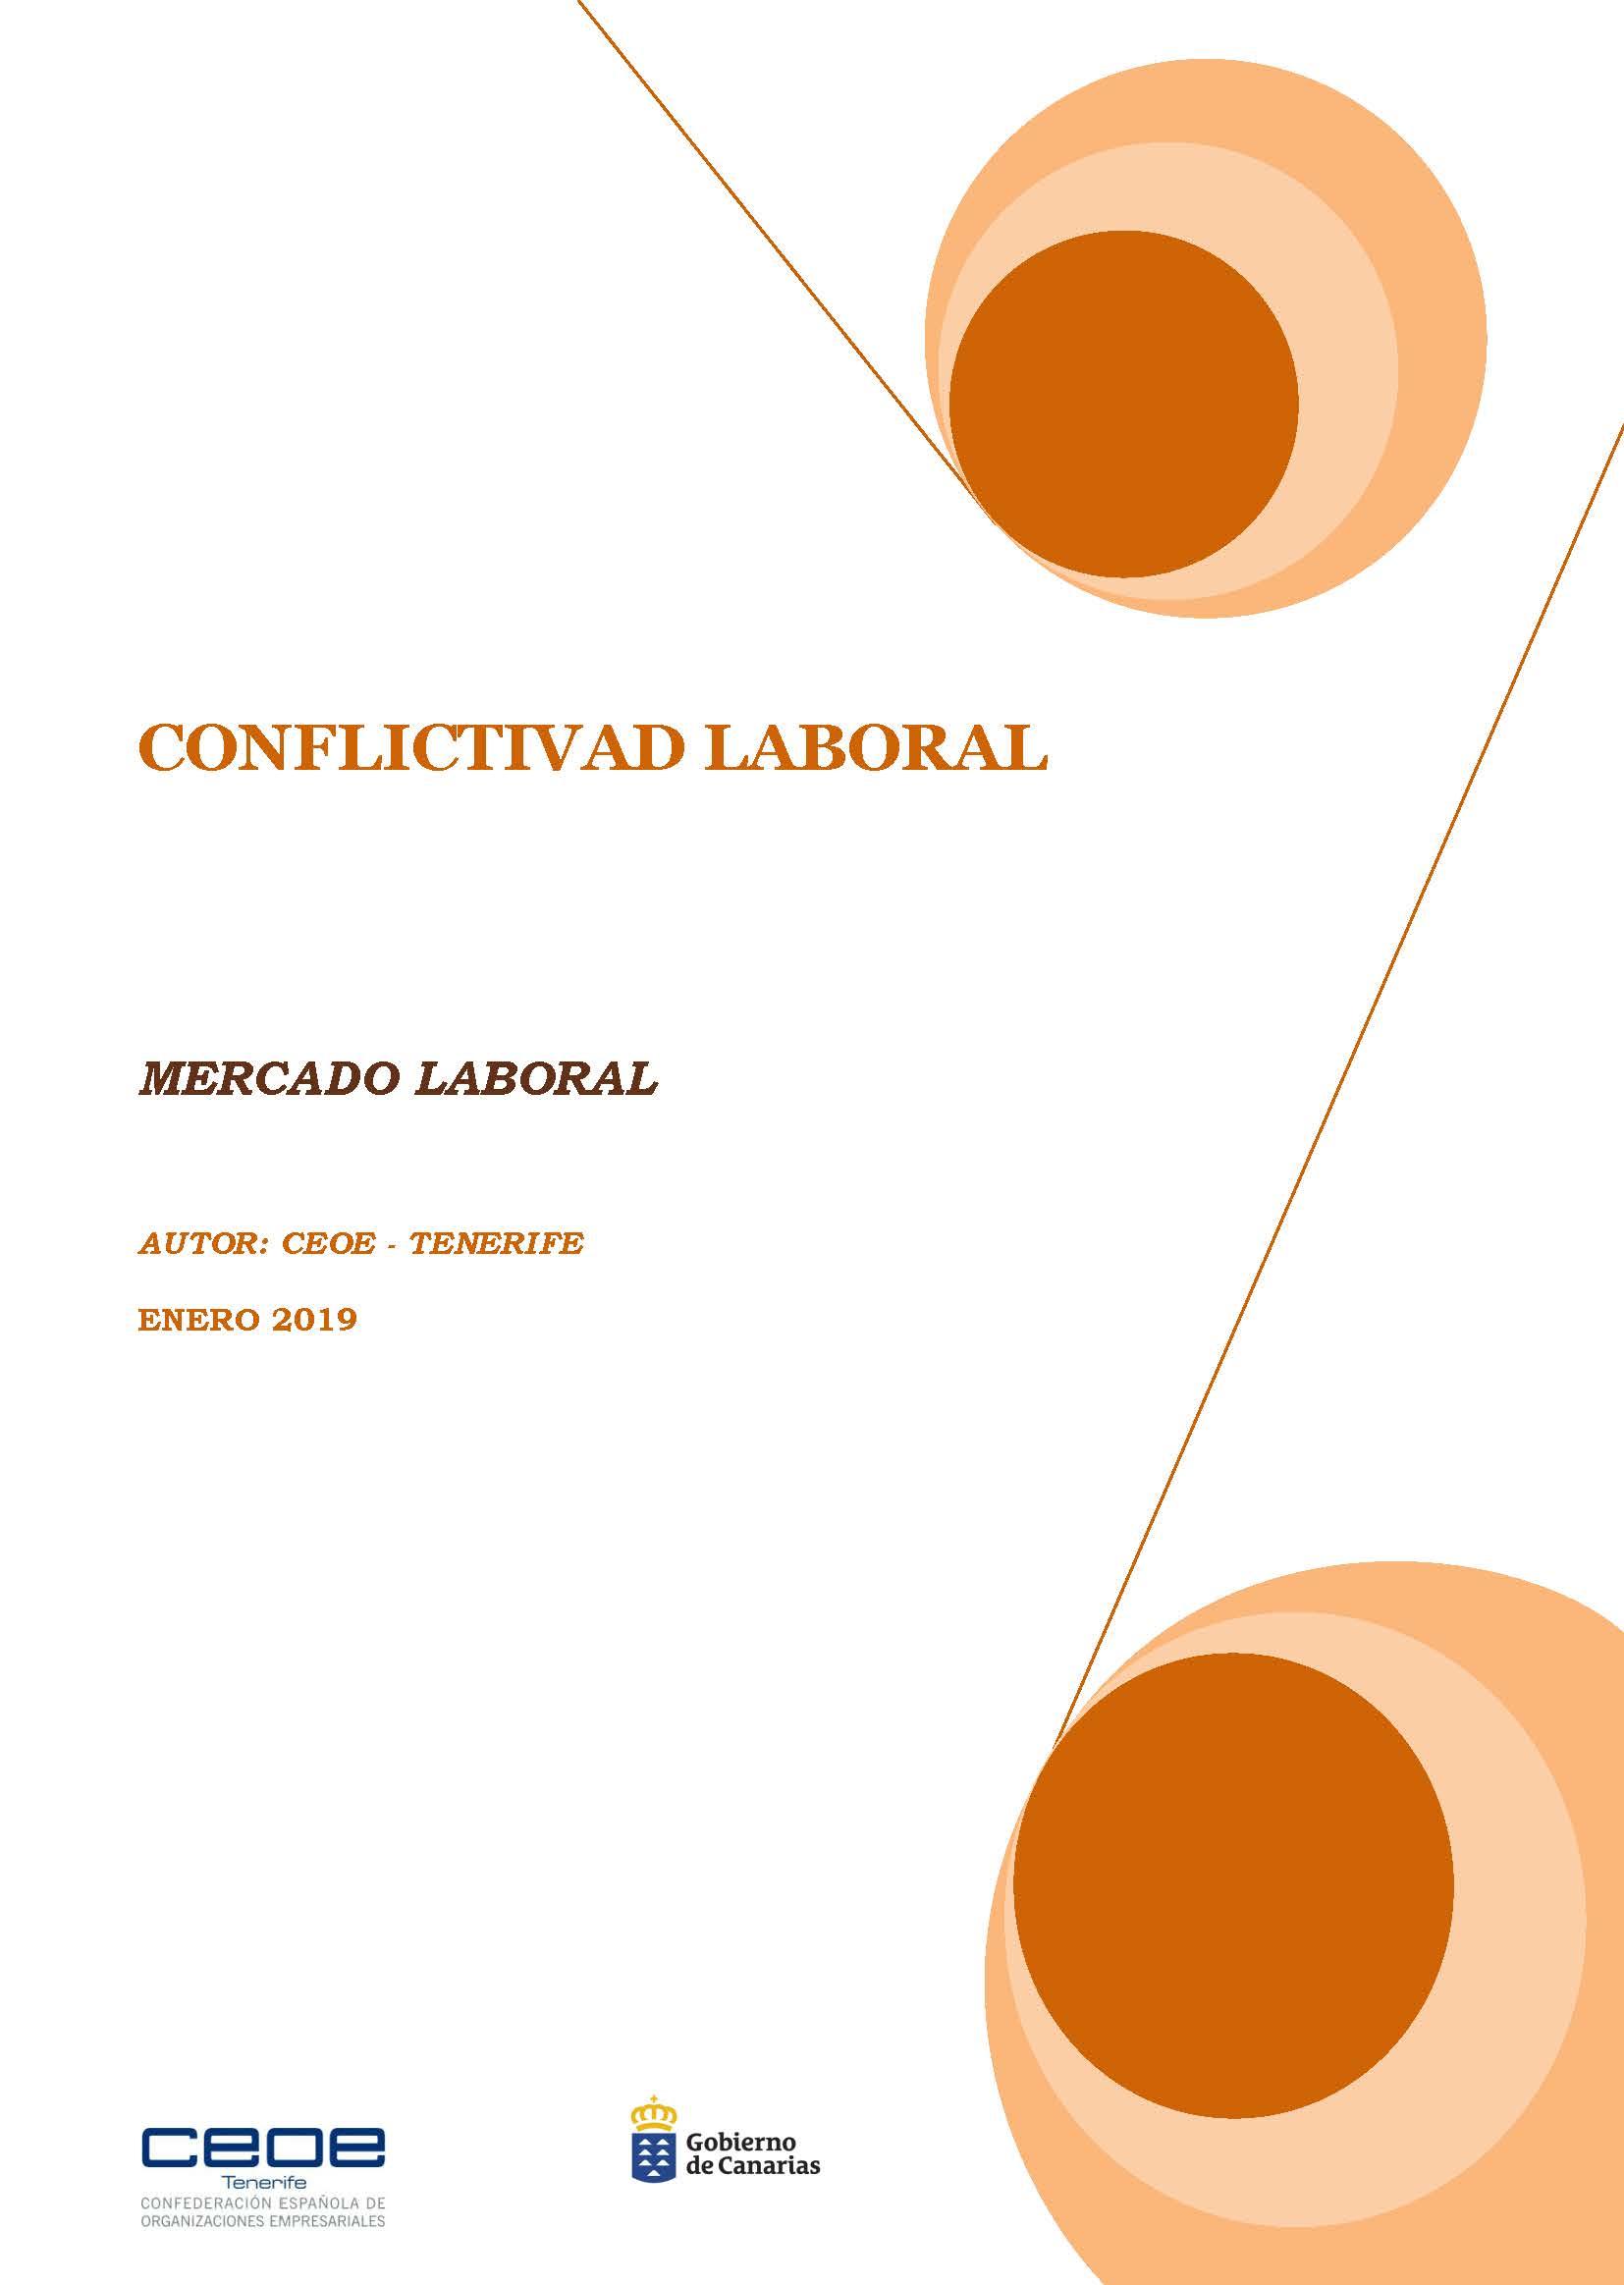 MERCADO LABORAL - CONFLICTIVIDAD LABORAL EN 2019